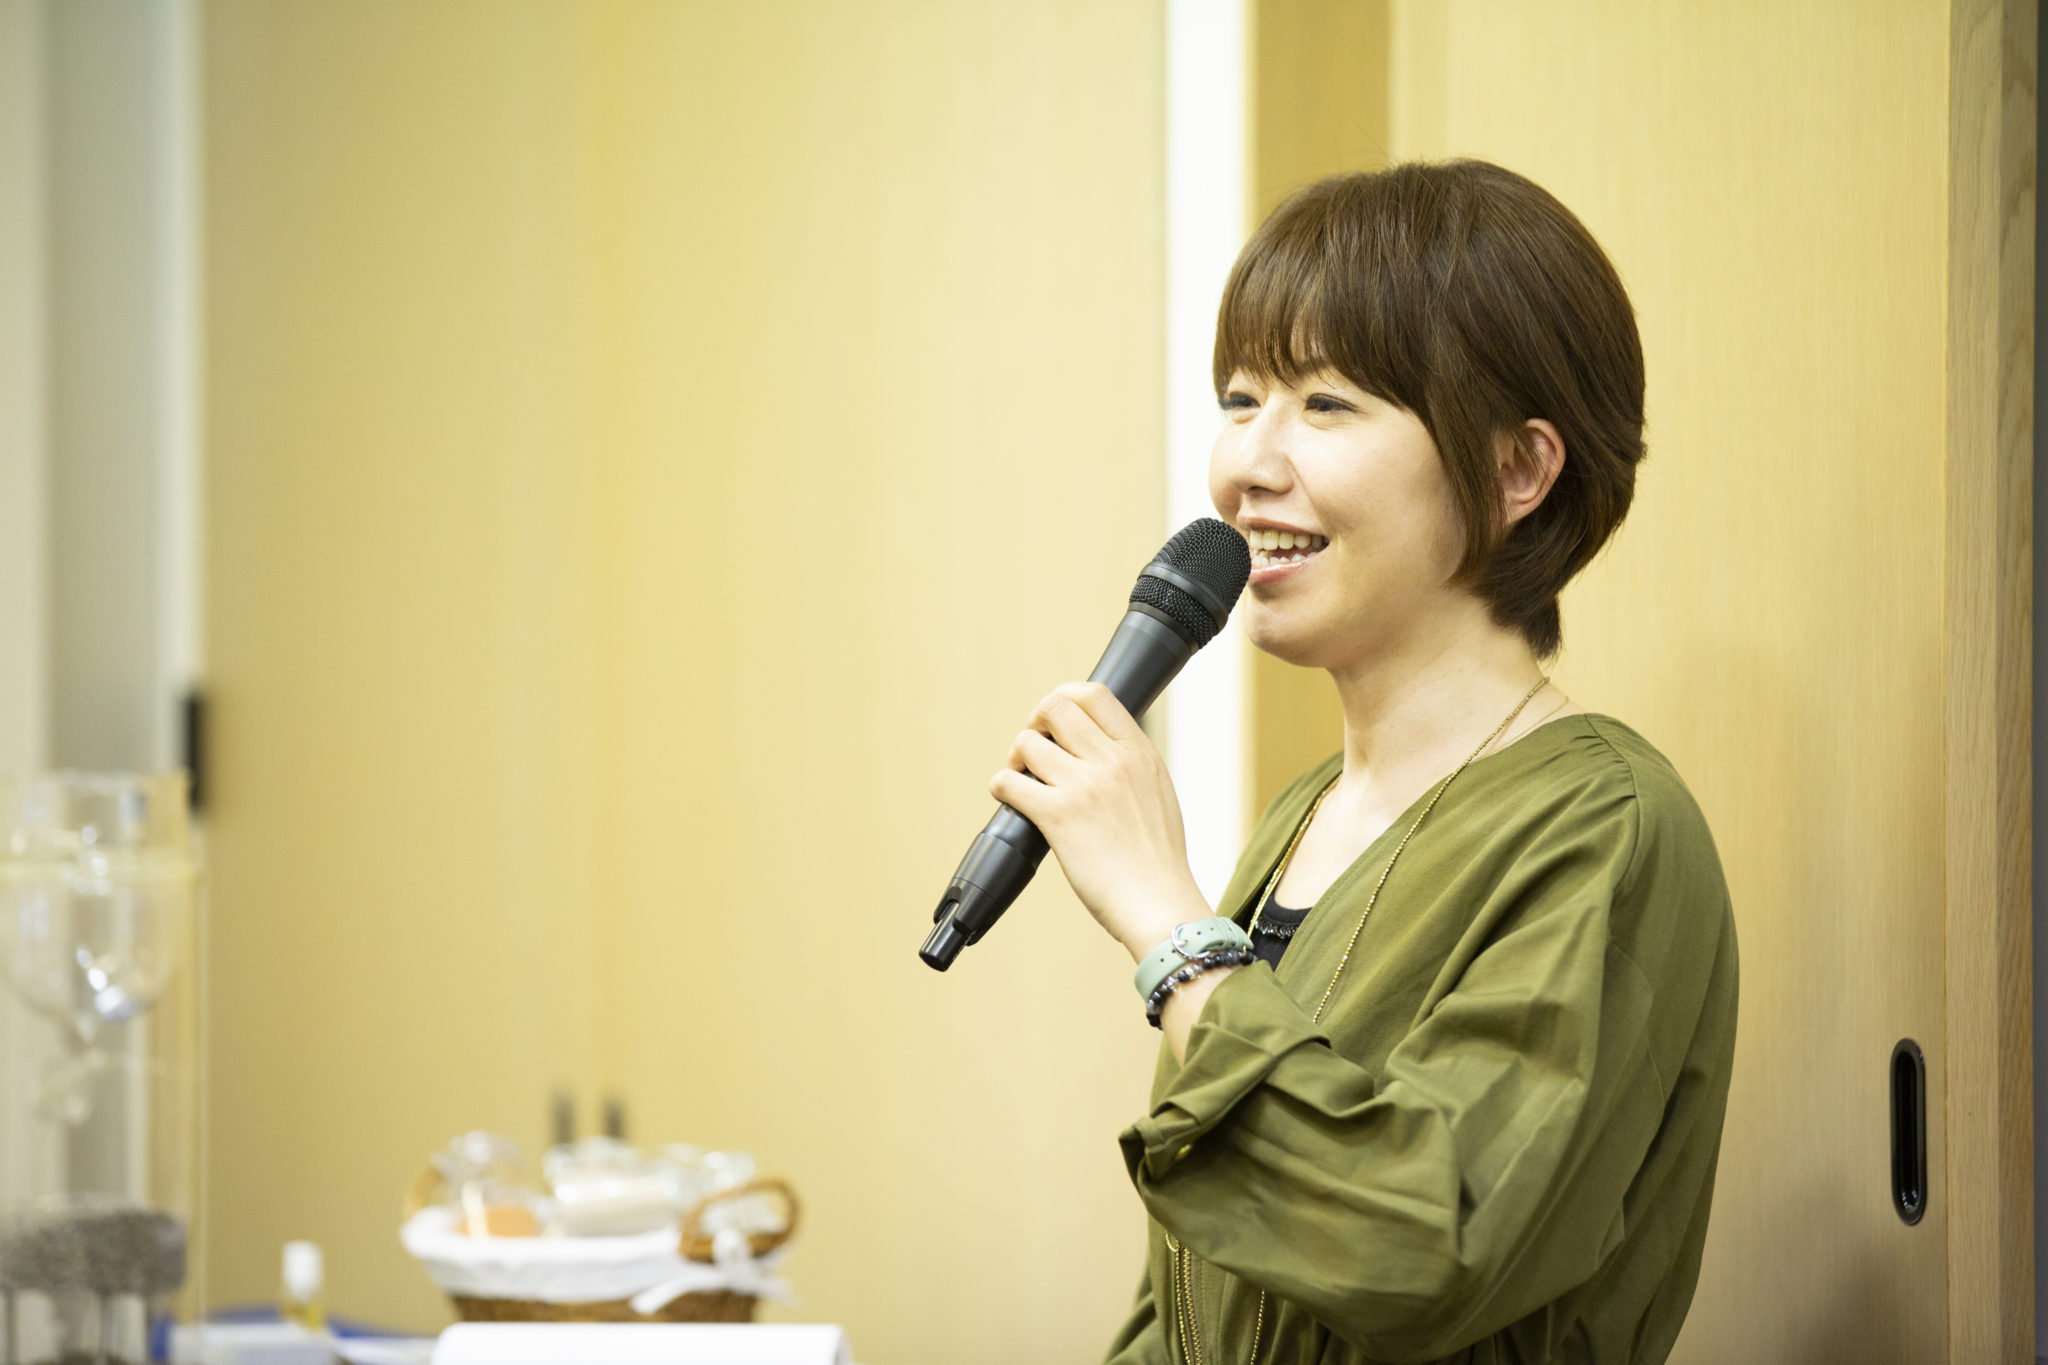 クレイセラピストの鈴木佳美さん